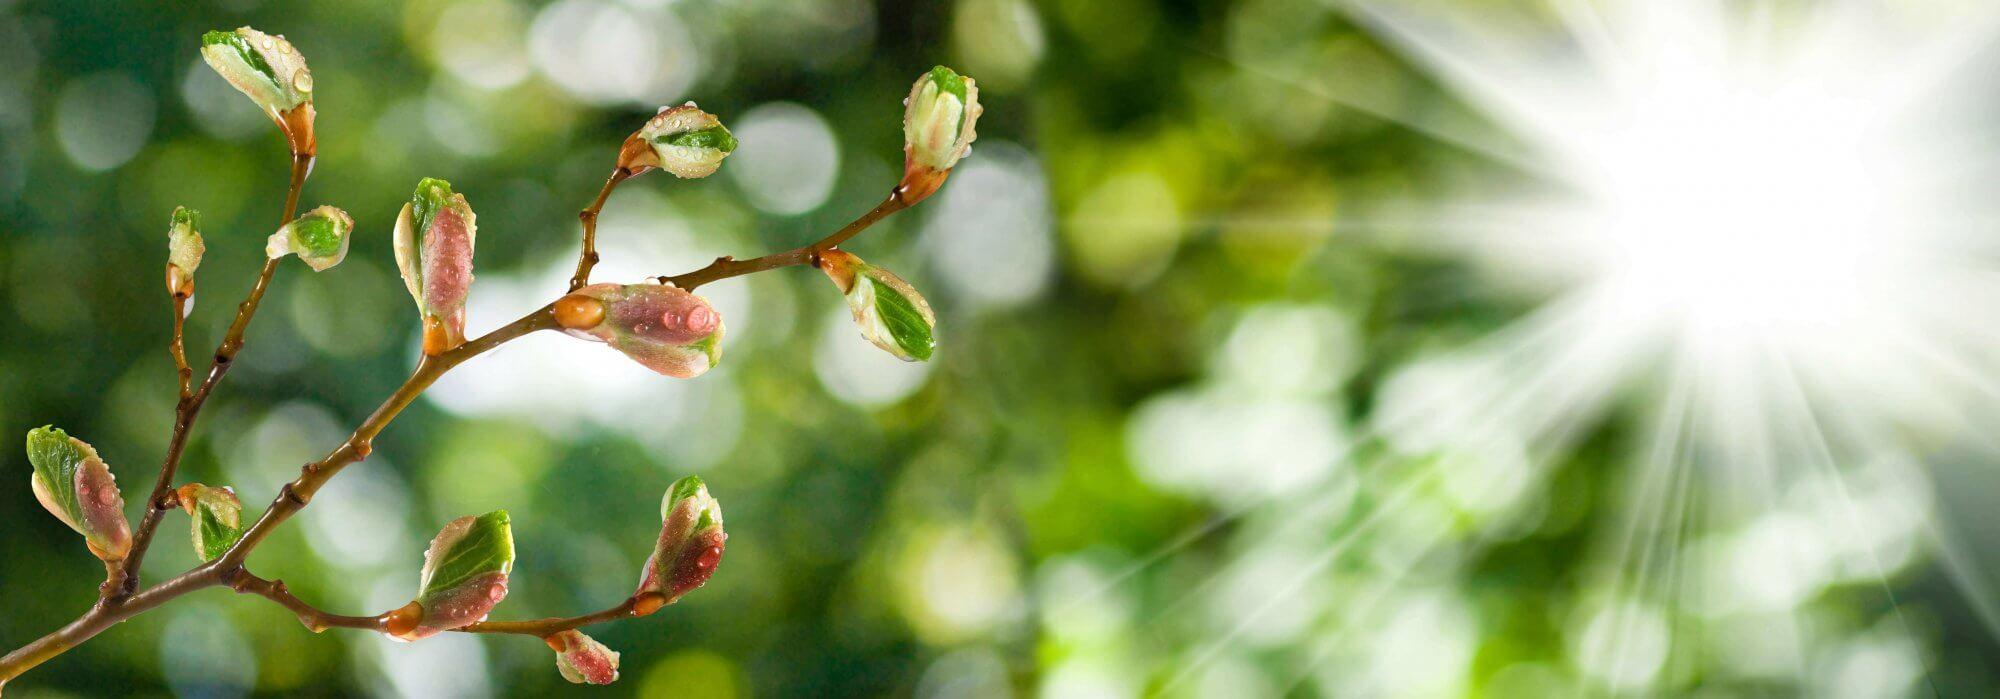 bourgeon de cassis, remède contre les douleurs articulaires